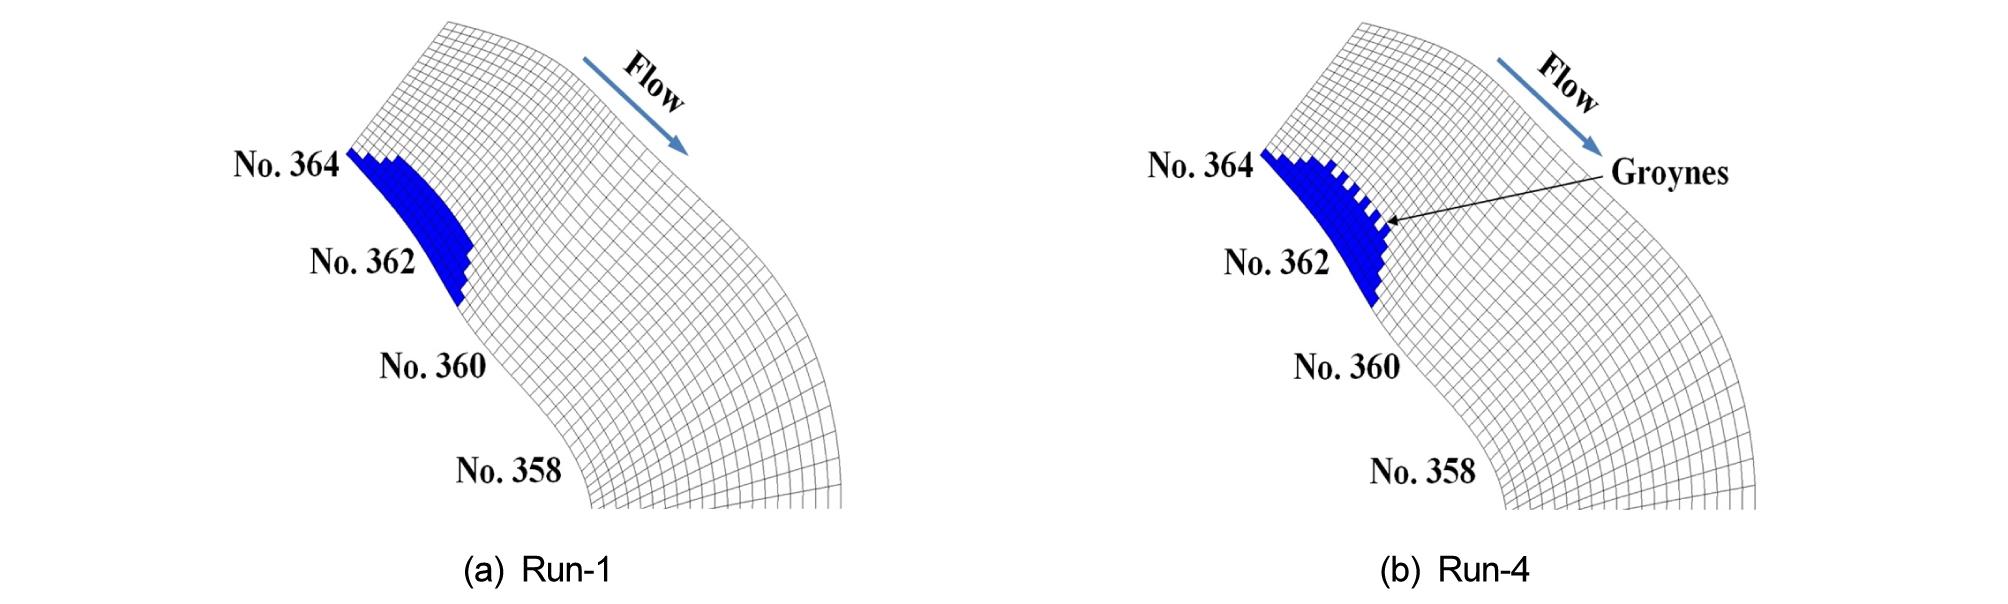 http://static.apub.kr/journalsite/sites/kseie/2019-006-04/N0190060416/images/kseie_06_04_16_F9.jpg